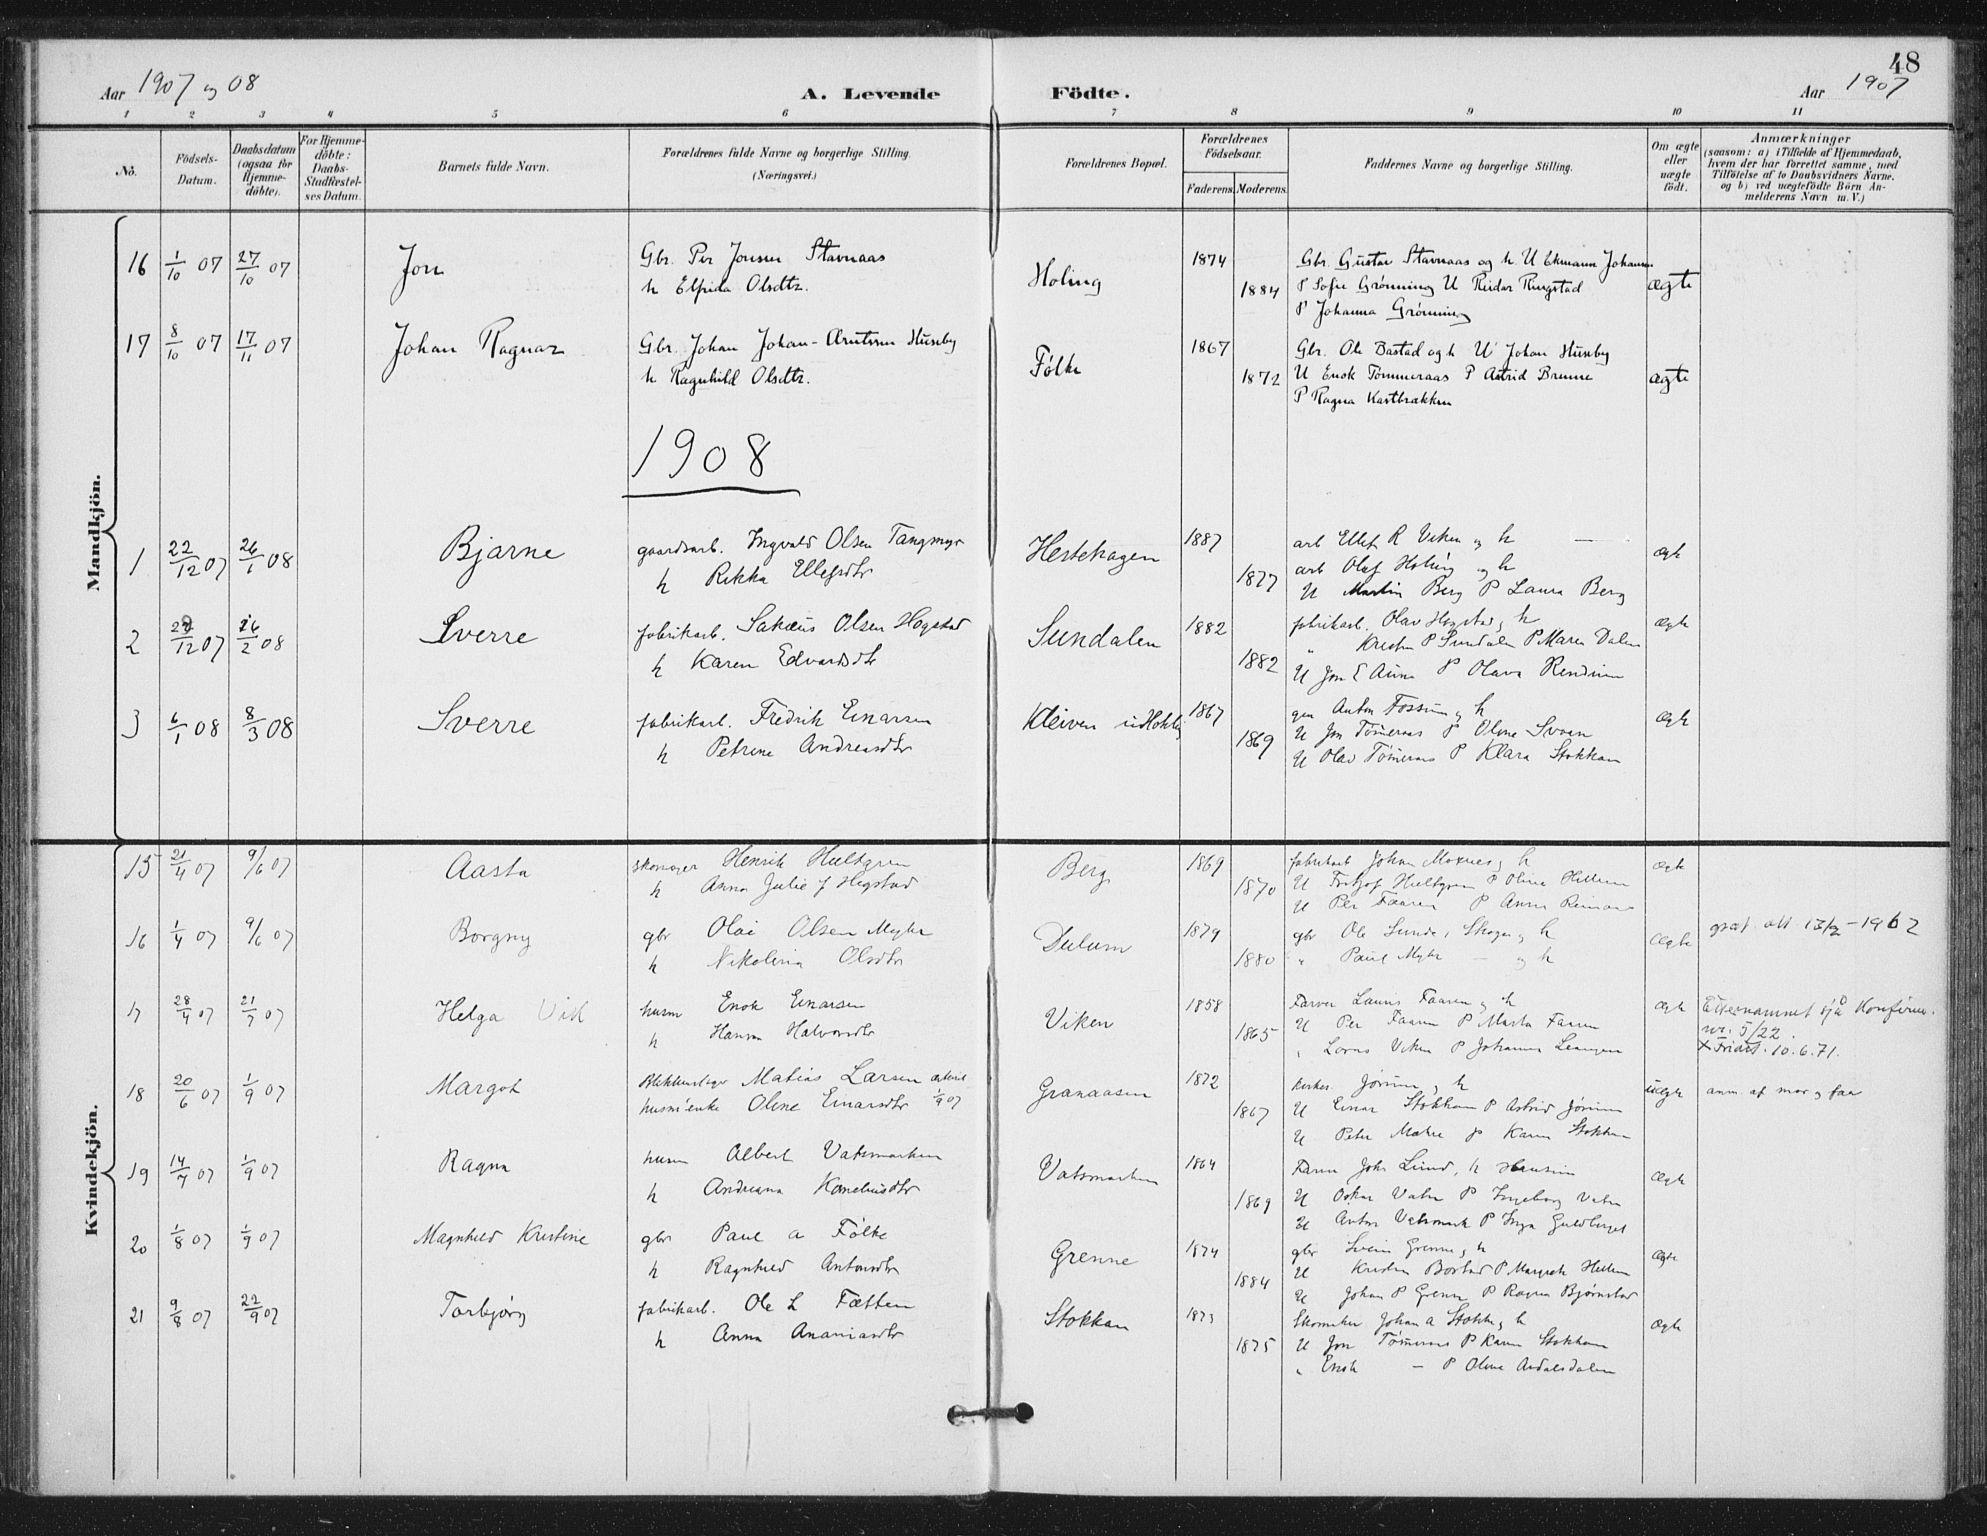 SAT, Ministerialprotokoller, klokkerbøker og fødselsregistre - Nord-Trøndelag, 714/L0131: Ministerialbok nr. 714A02, 1896-1918, s. 48